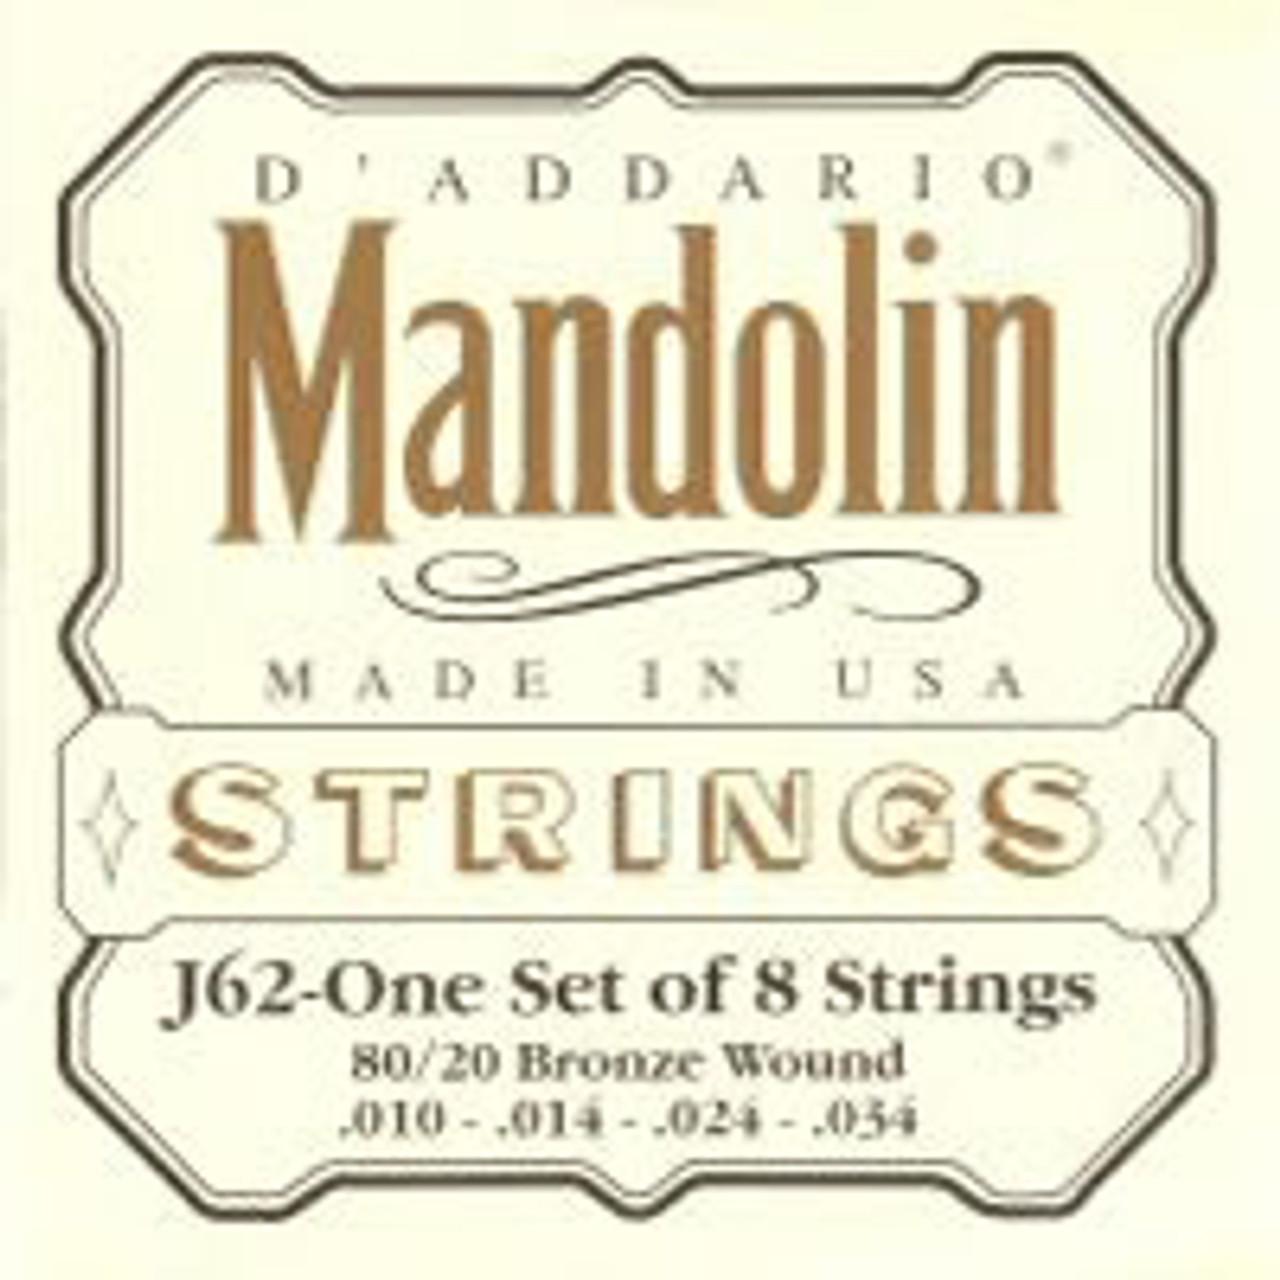 daddario D'addario J62 Mandolin Strings